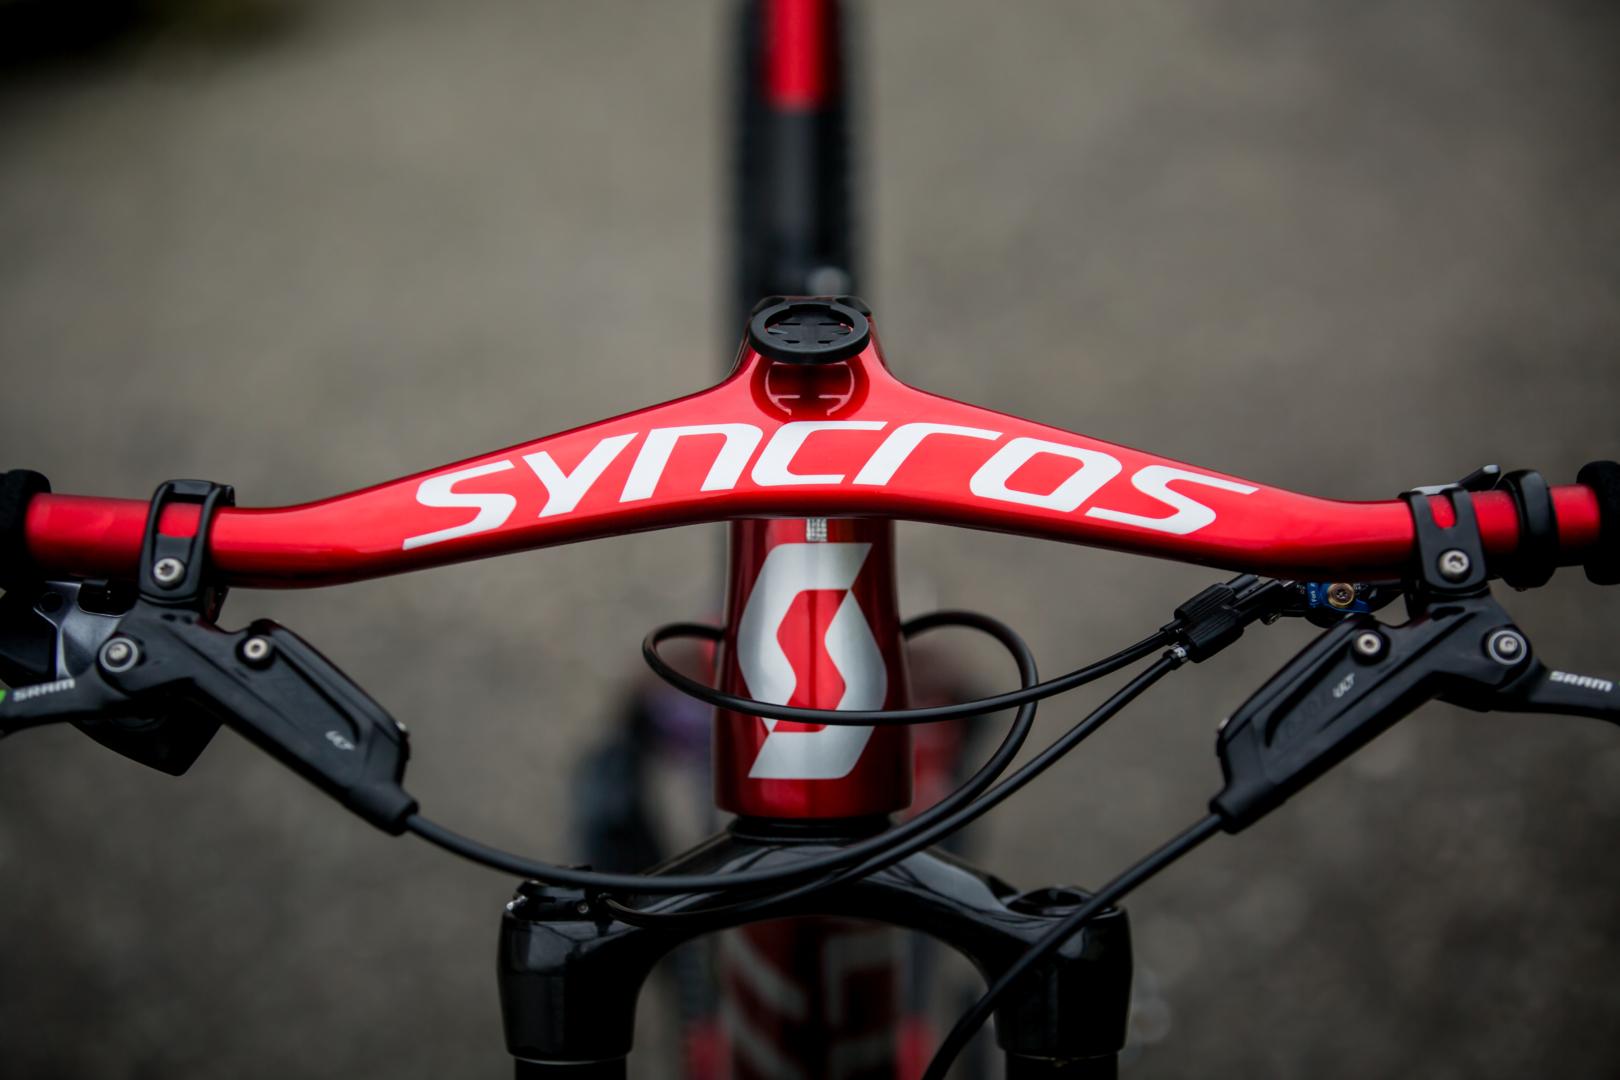 Scott Spark RC N1NO LTD na Mistrzostwa Świata w kolarstwie górskim w Kanadzie [bike check]